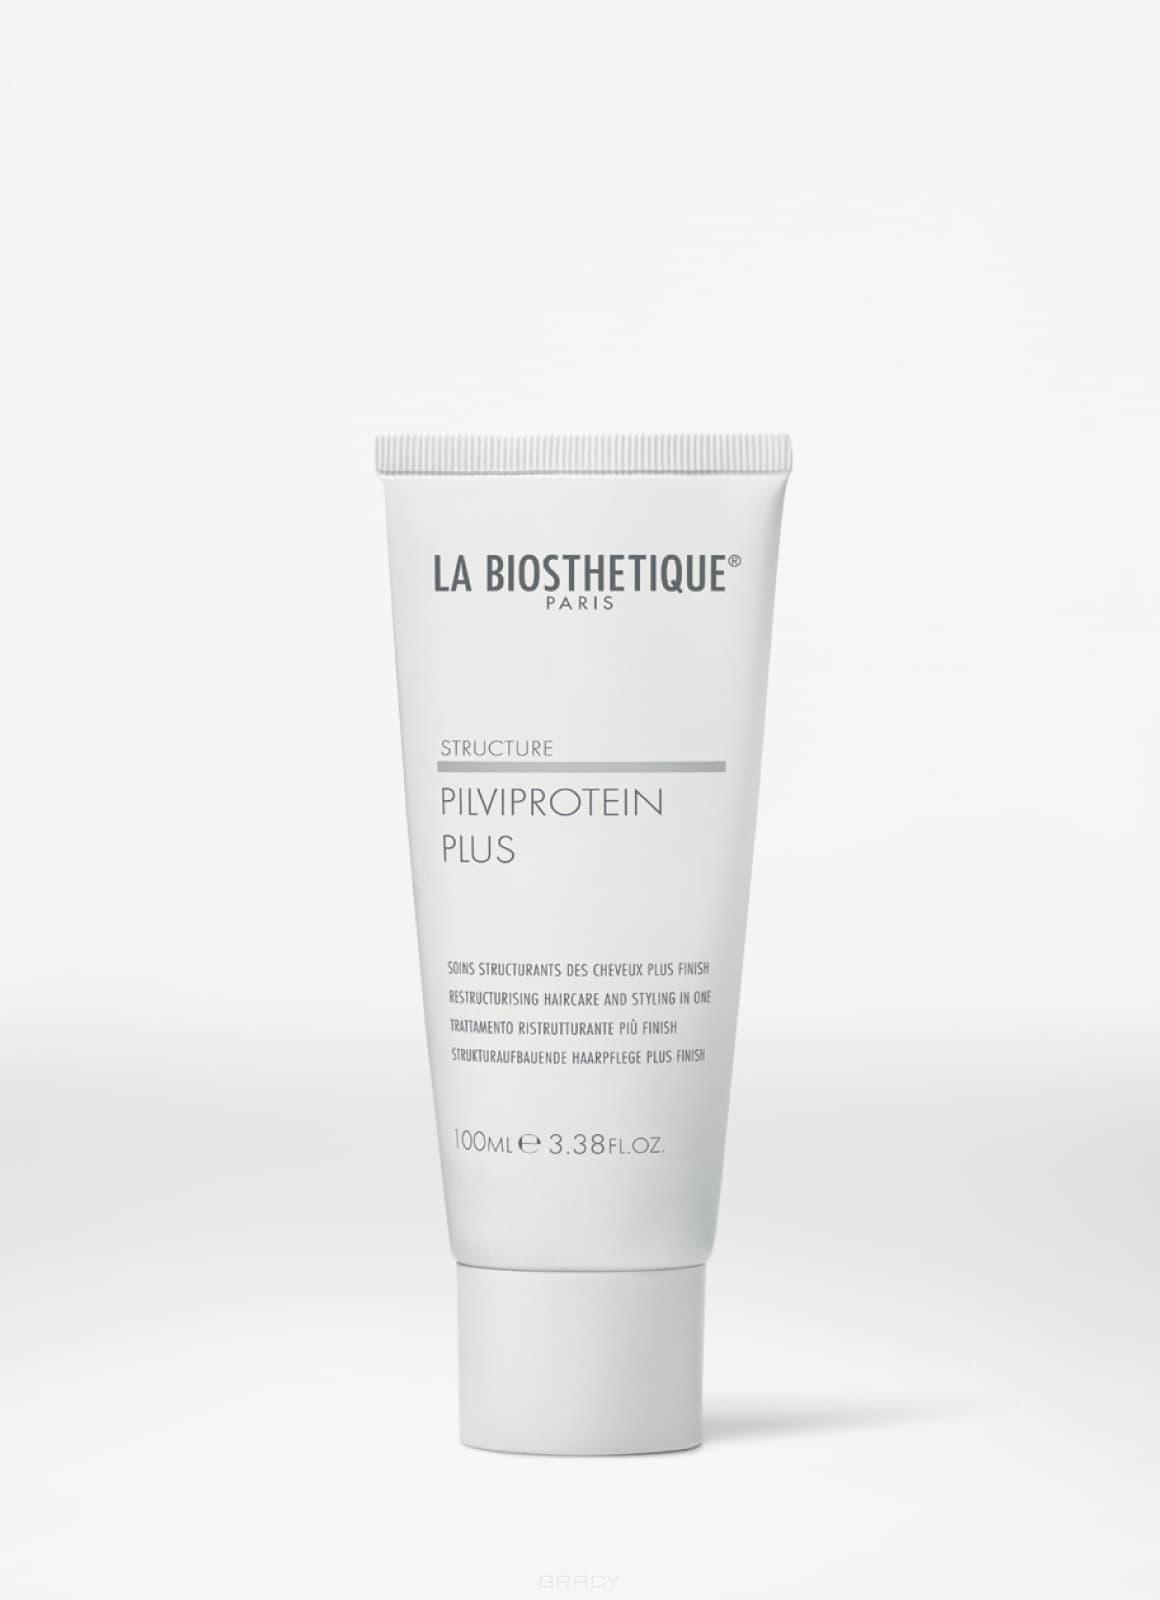 La Biosthetique, Гель-уход для поврежденных волос с эффектом стайлинга Structure Pilviprotein Plus, 100 мл la biosthetique methode le gel douche sondergrosse гель для стайлинга с экстрасильной фиксацией 100 мл